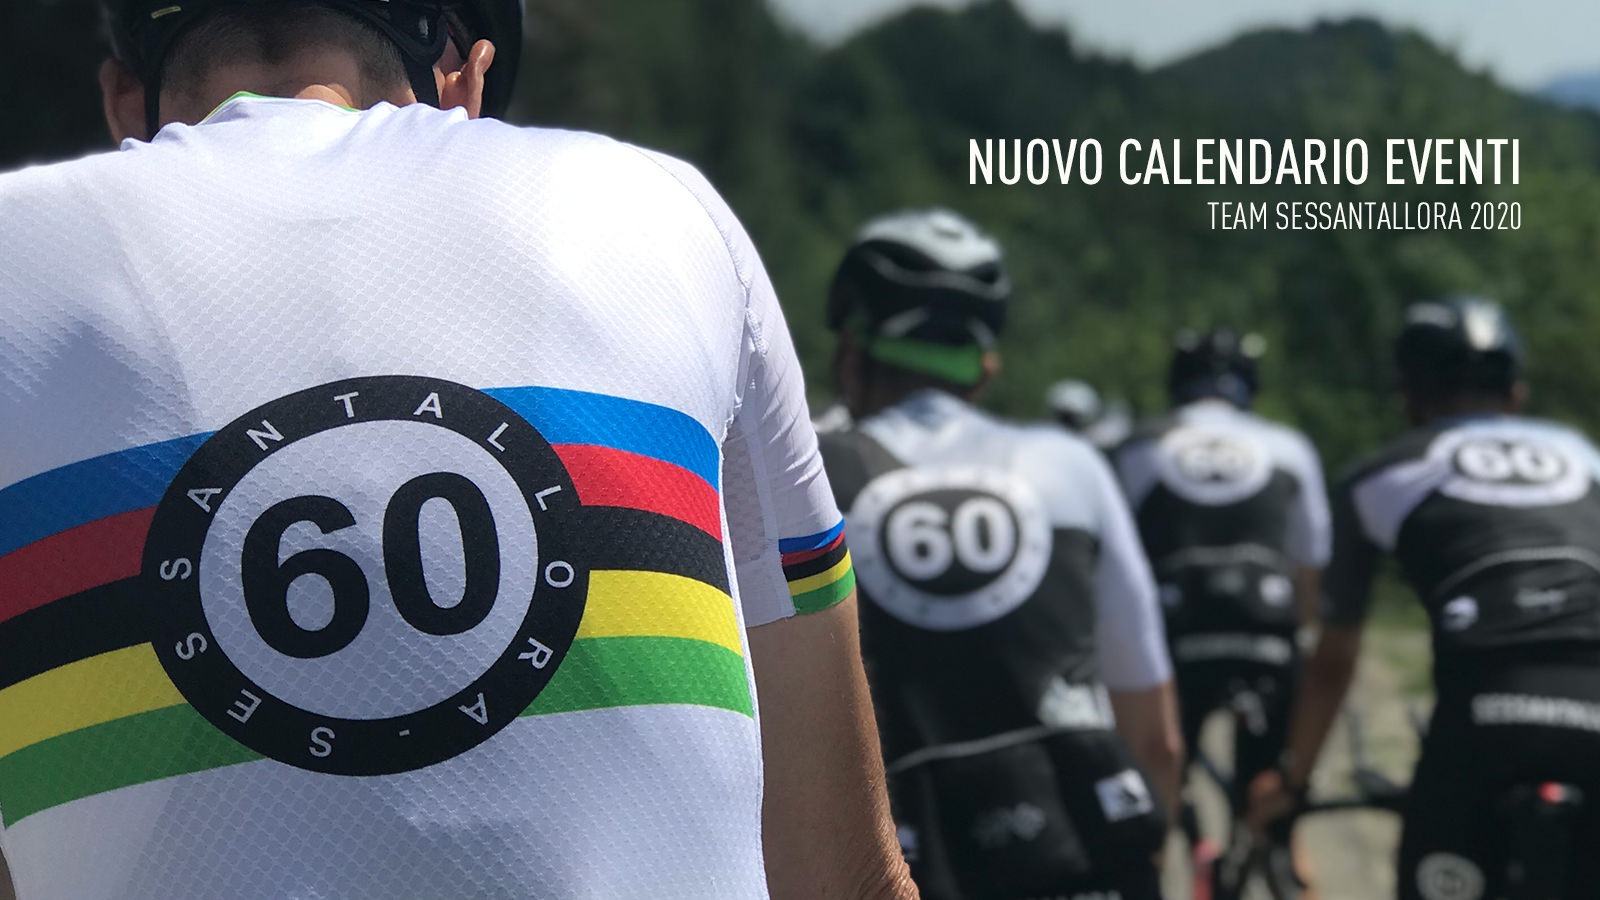 Nuovo Calendario Eventi Team Sessantallora 2020